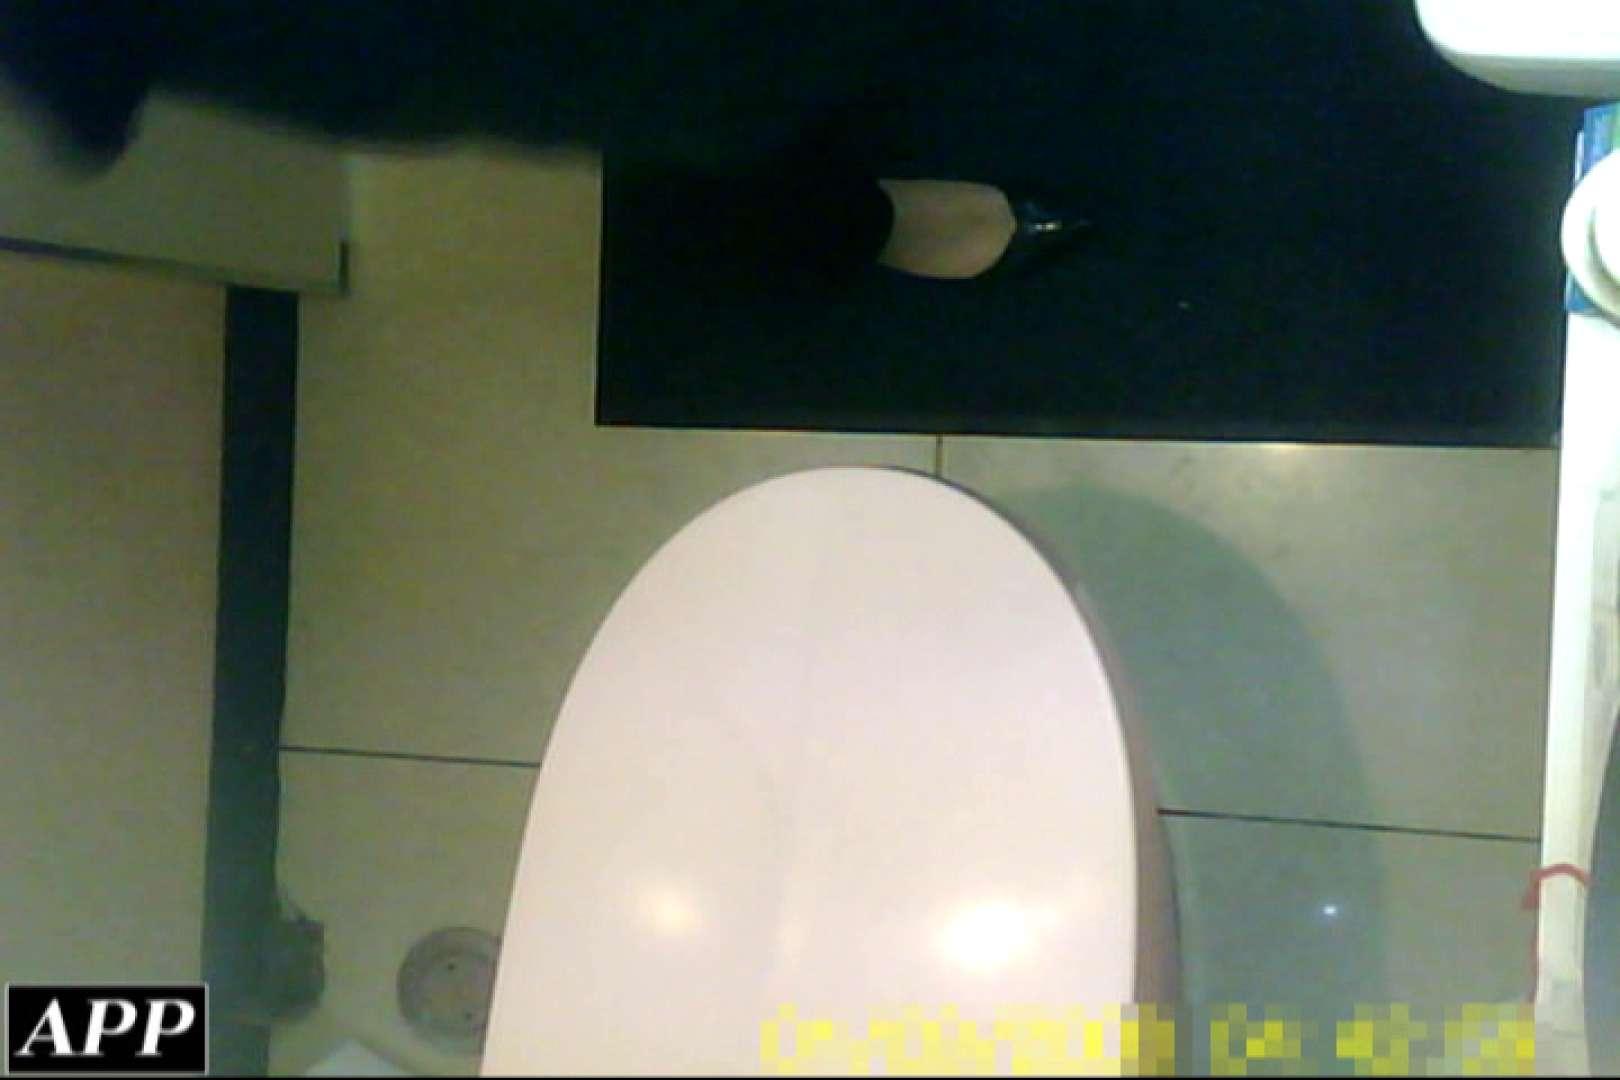 3視点洗面所 vol.119 オマンコもろ AV無料動画キャプチャ 87PIX 14